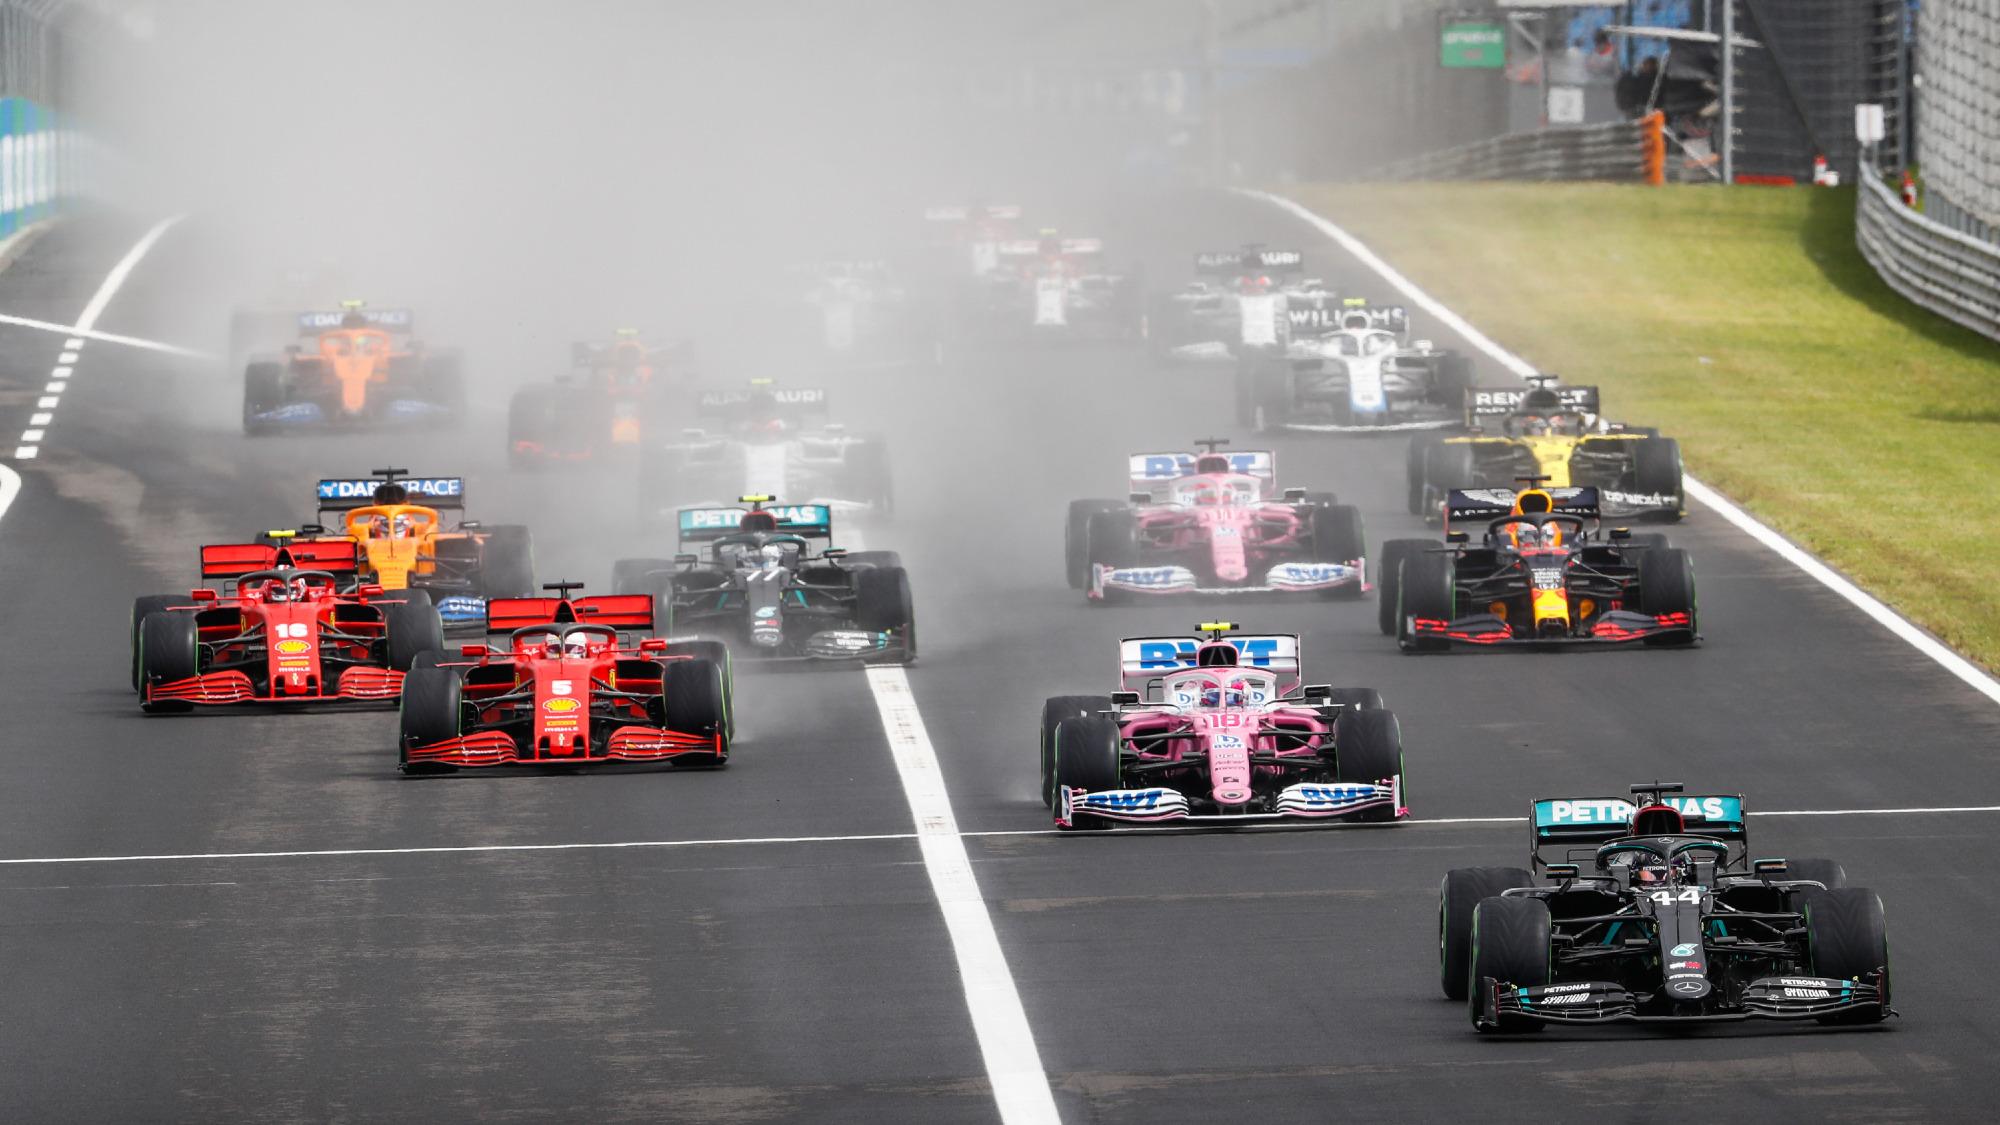 2020 Hungarian GP start